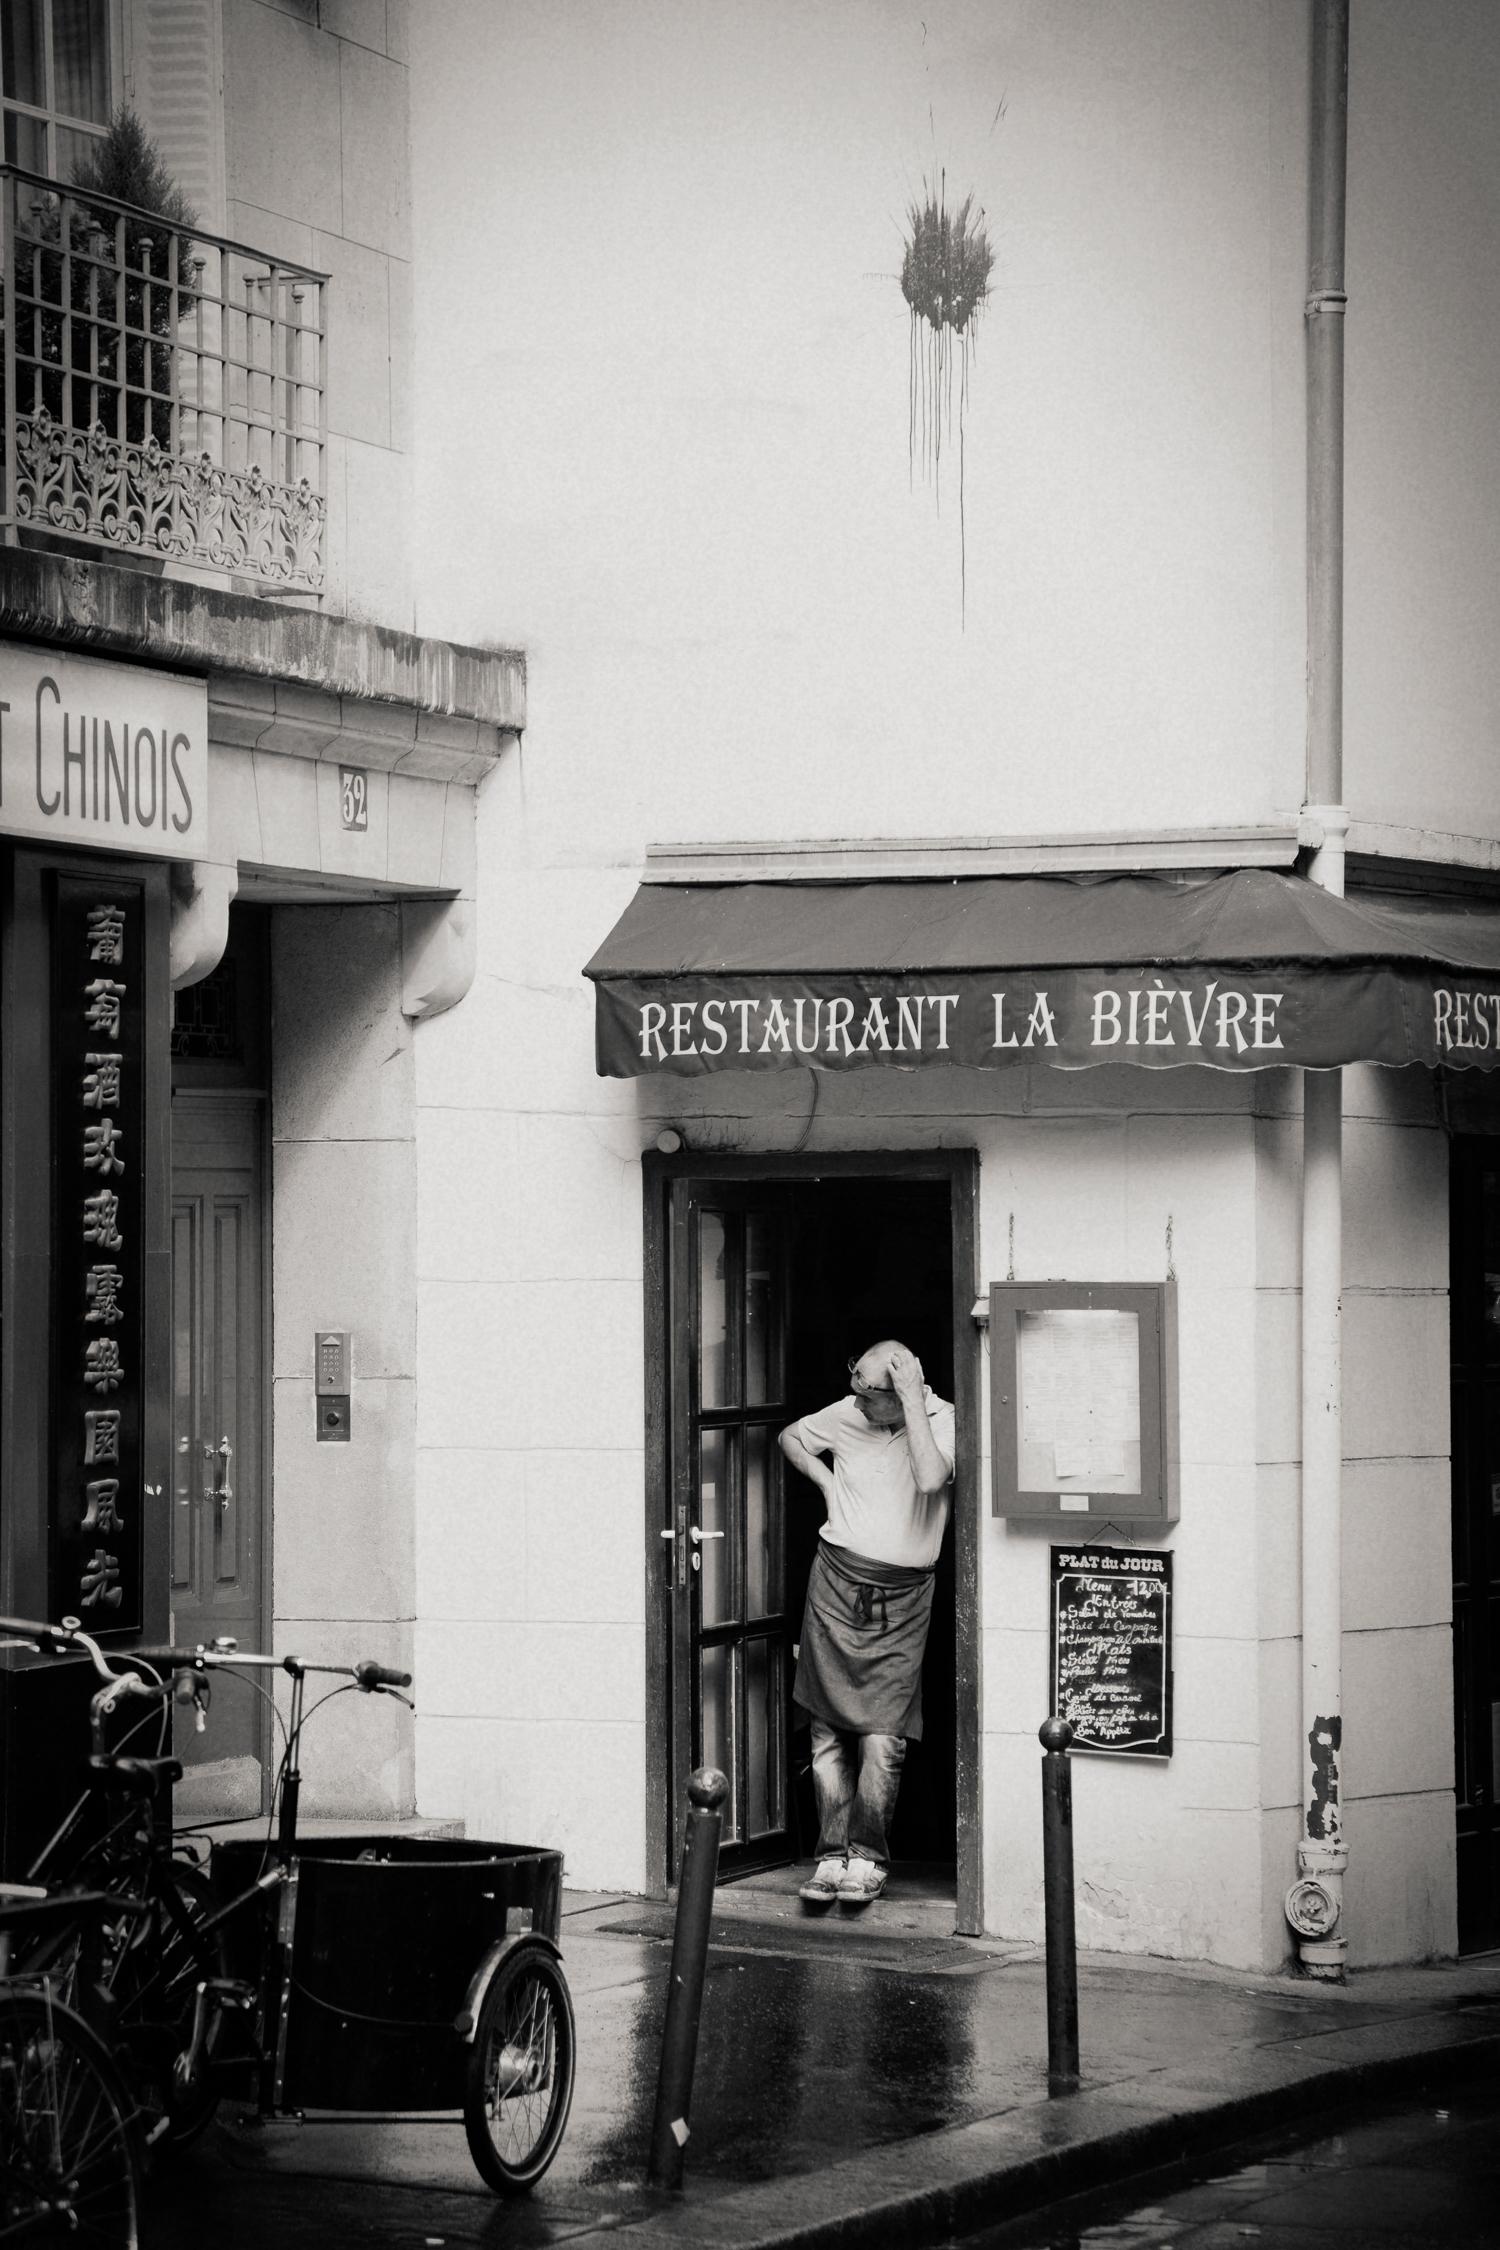 restaurant worker, Paris 2014.